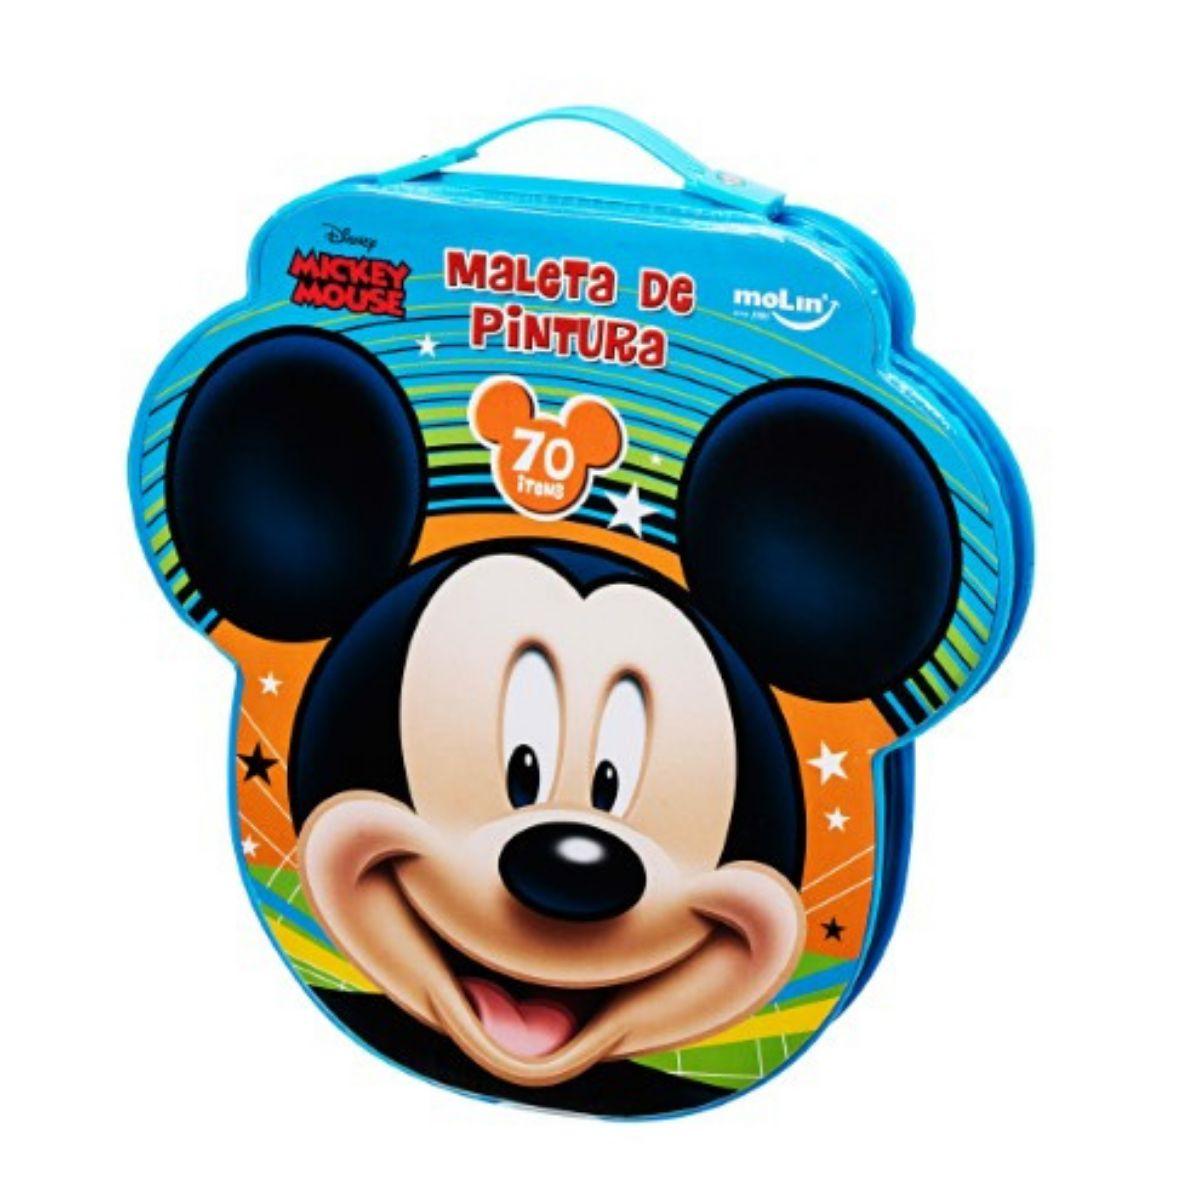 Maleta De Pintura Mickey Mouse (70 itens)  Molin